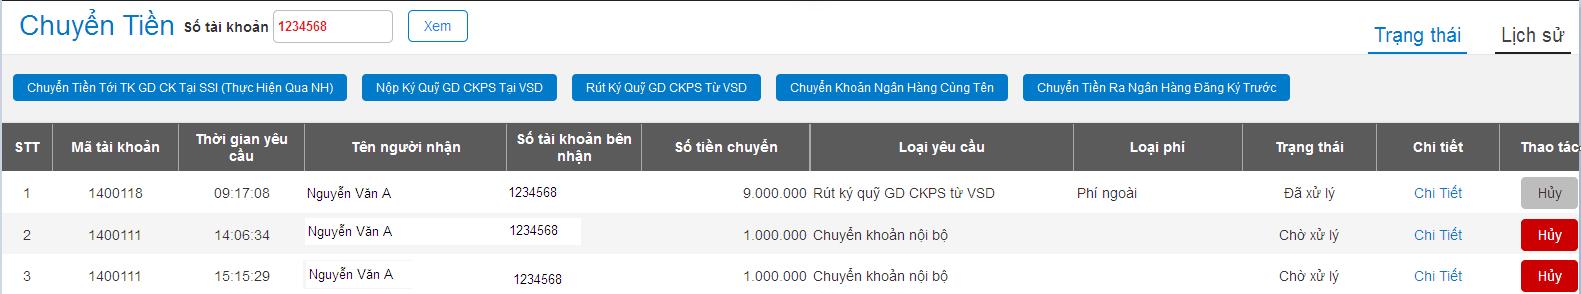 Xem trạng thái chuyển tiền khi yêu cầu